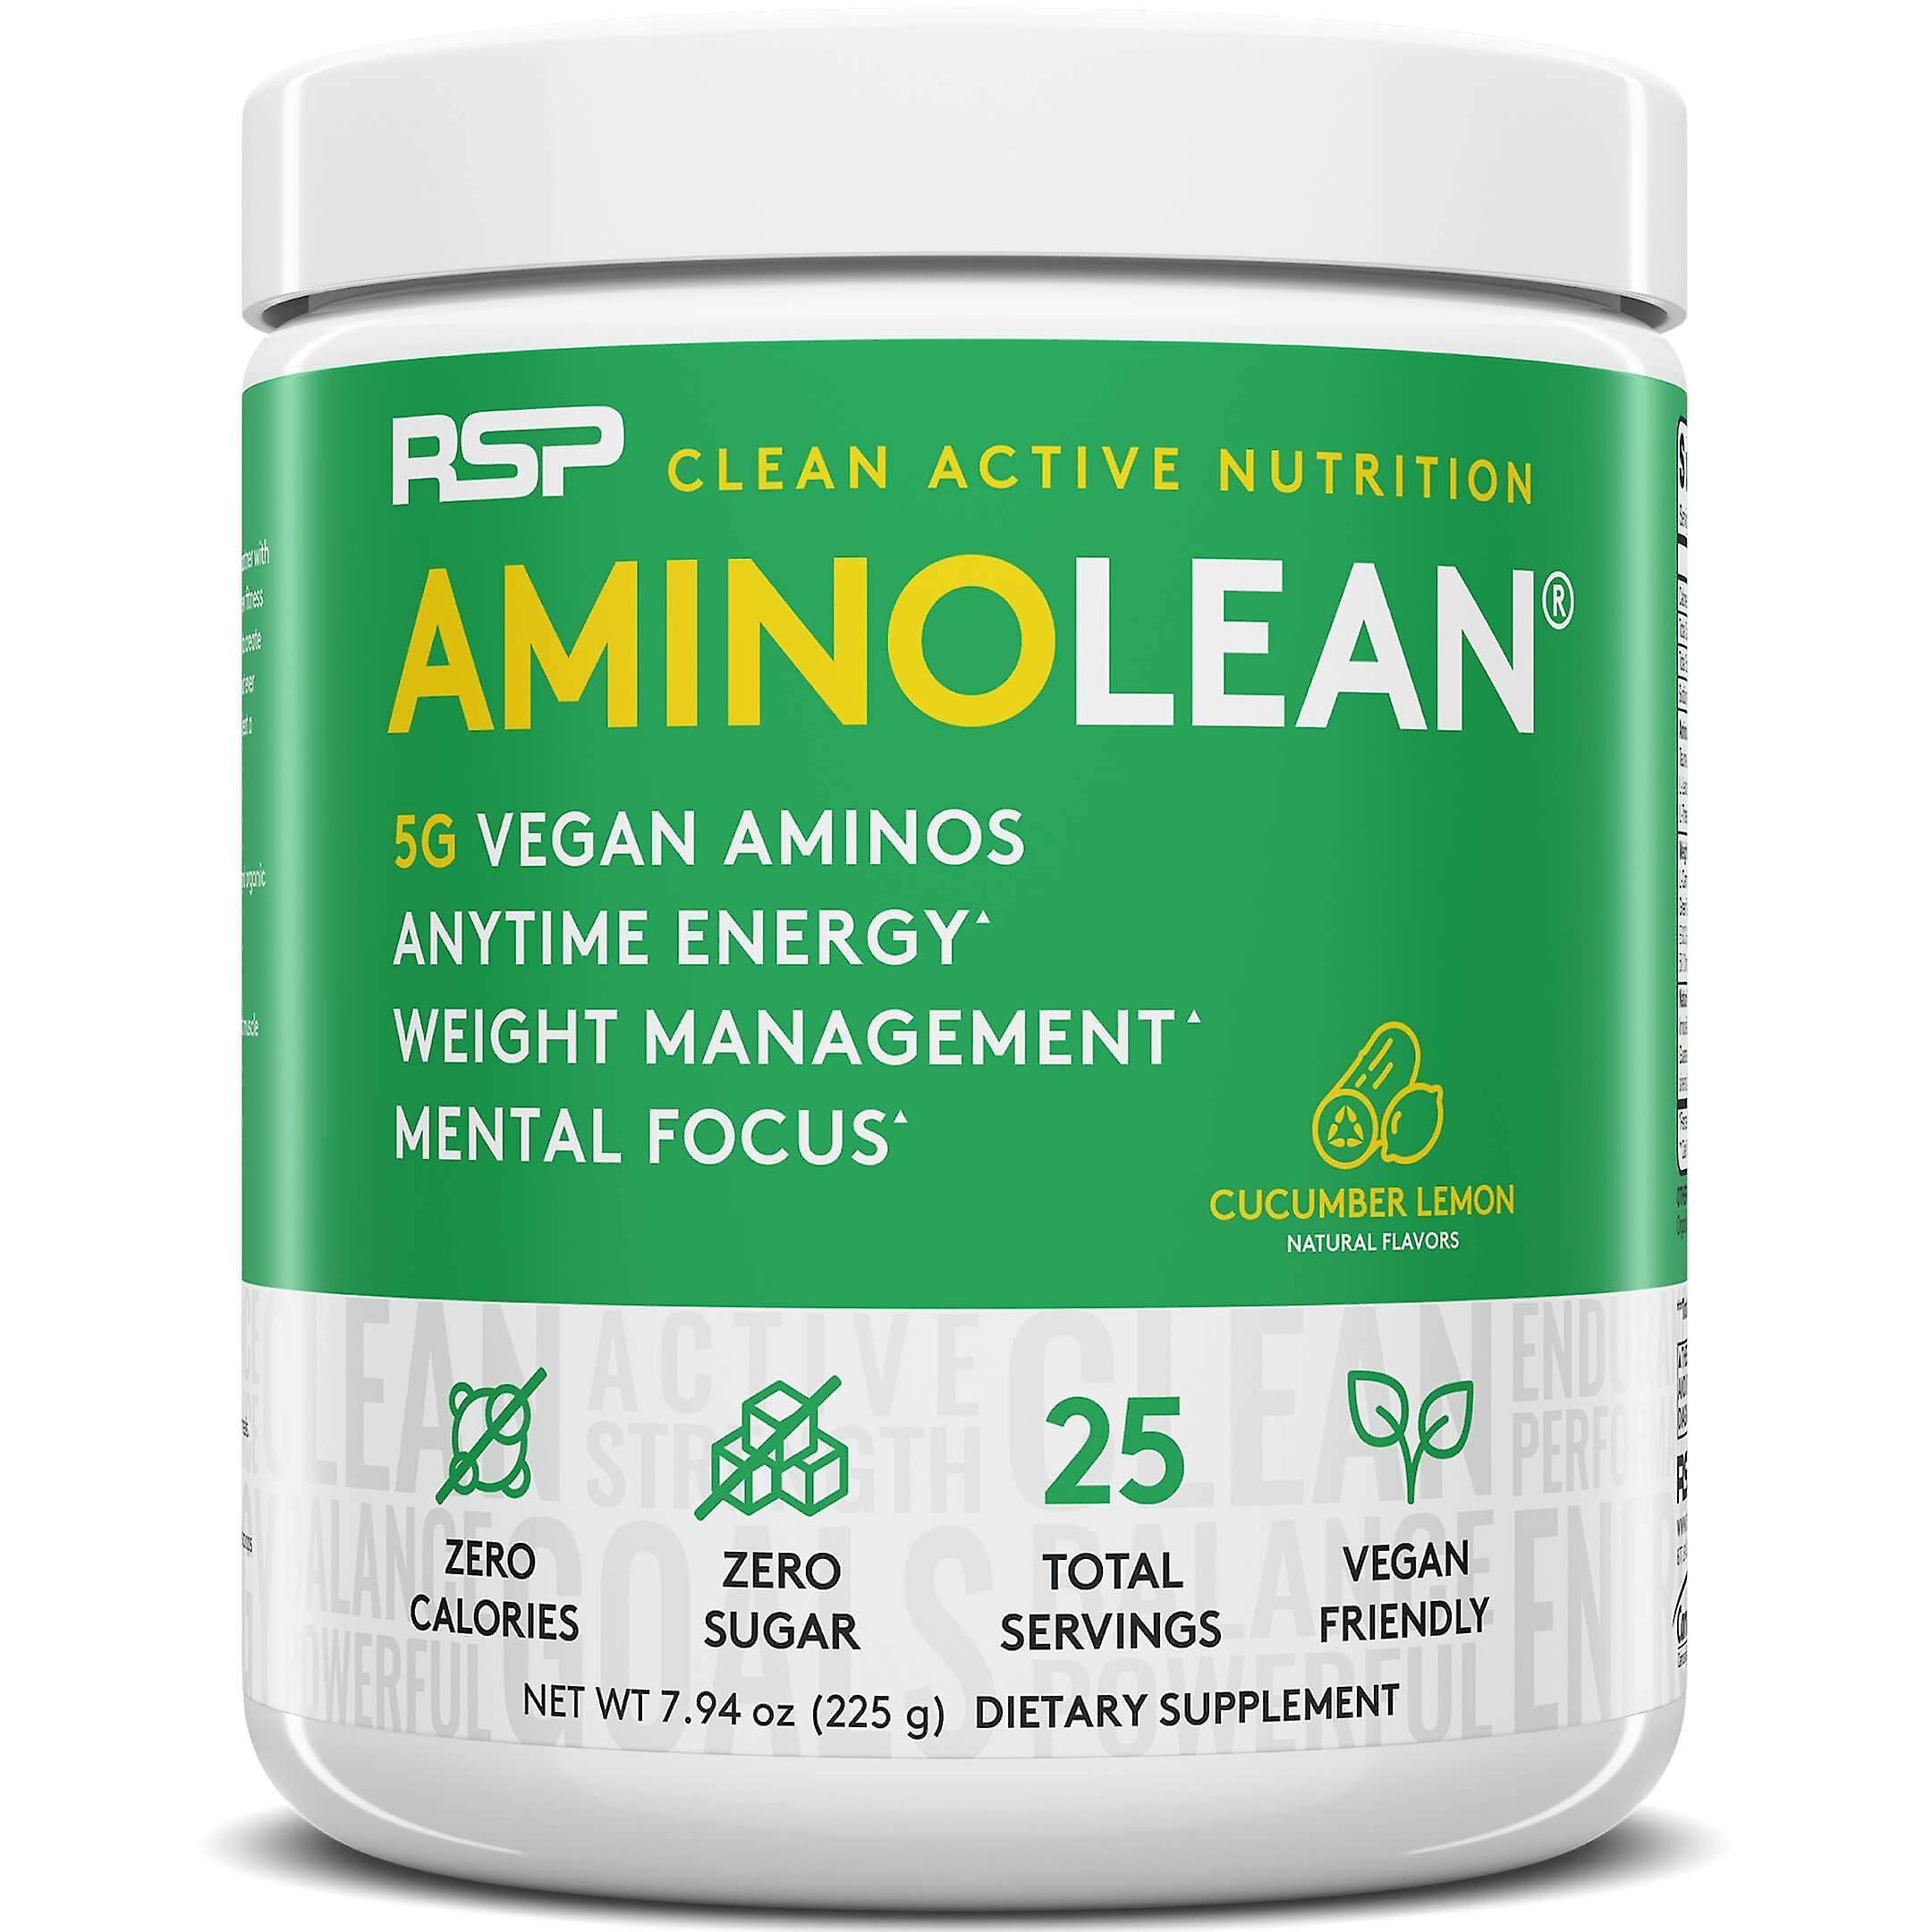 Rsp vegan aminolean, pre-workout, energy, fat burner, amino acid powder (cucumber lemon, 25 servings)